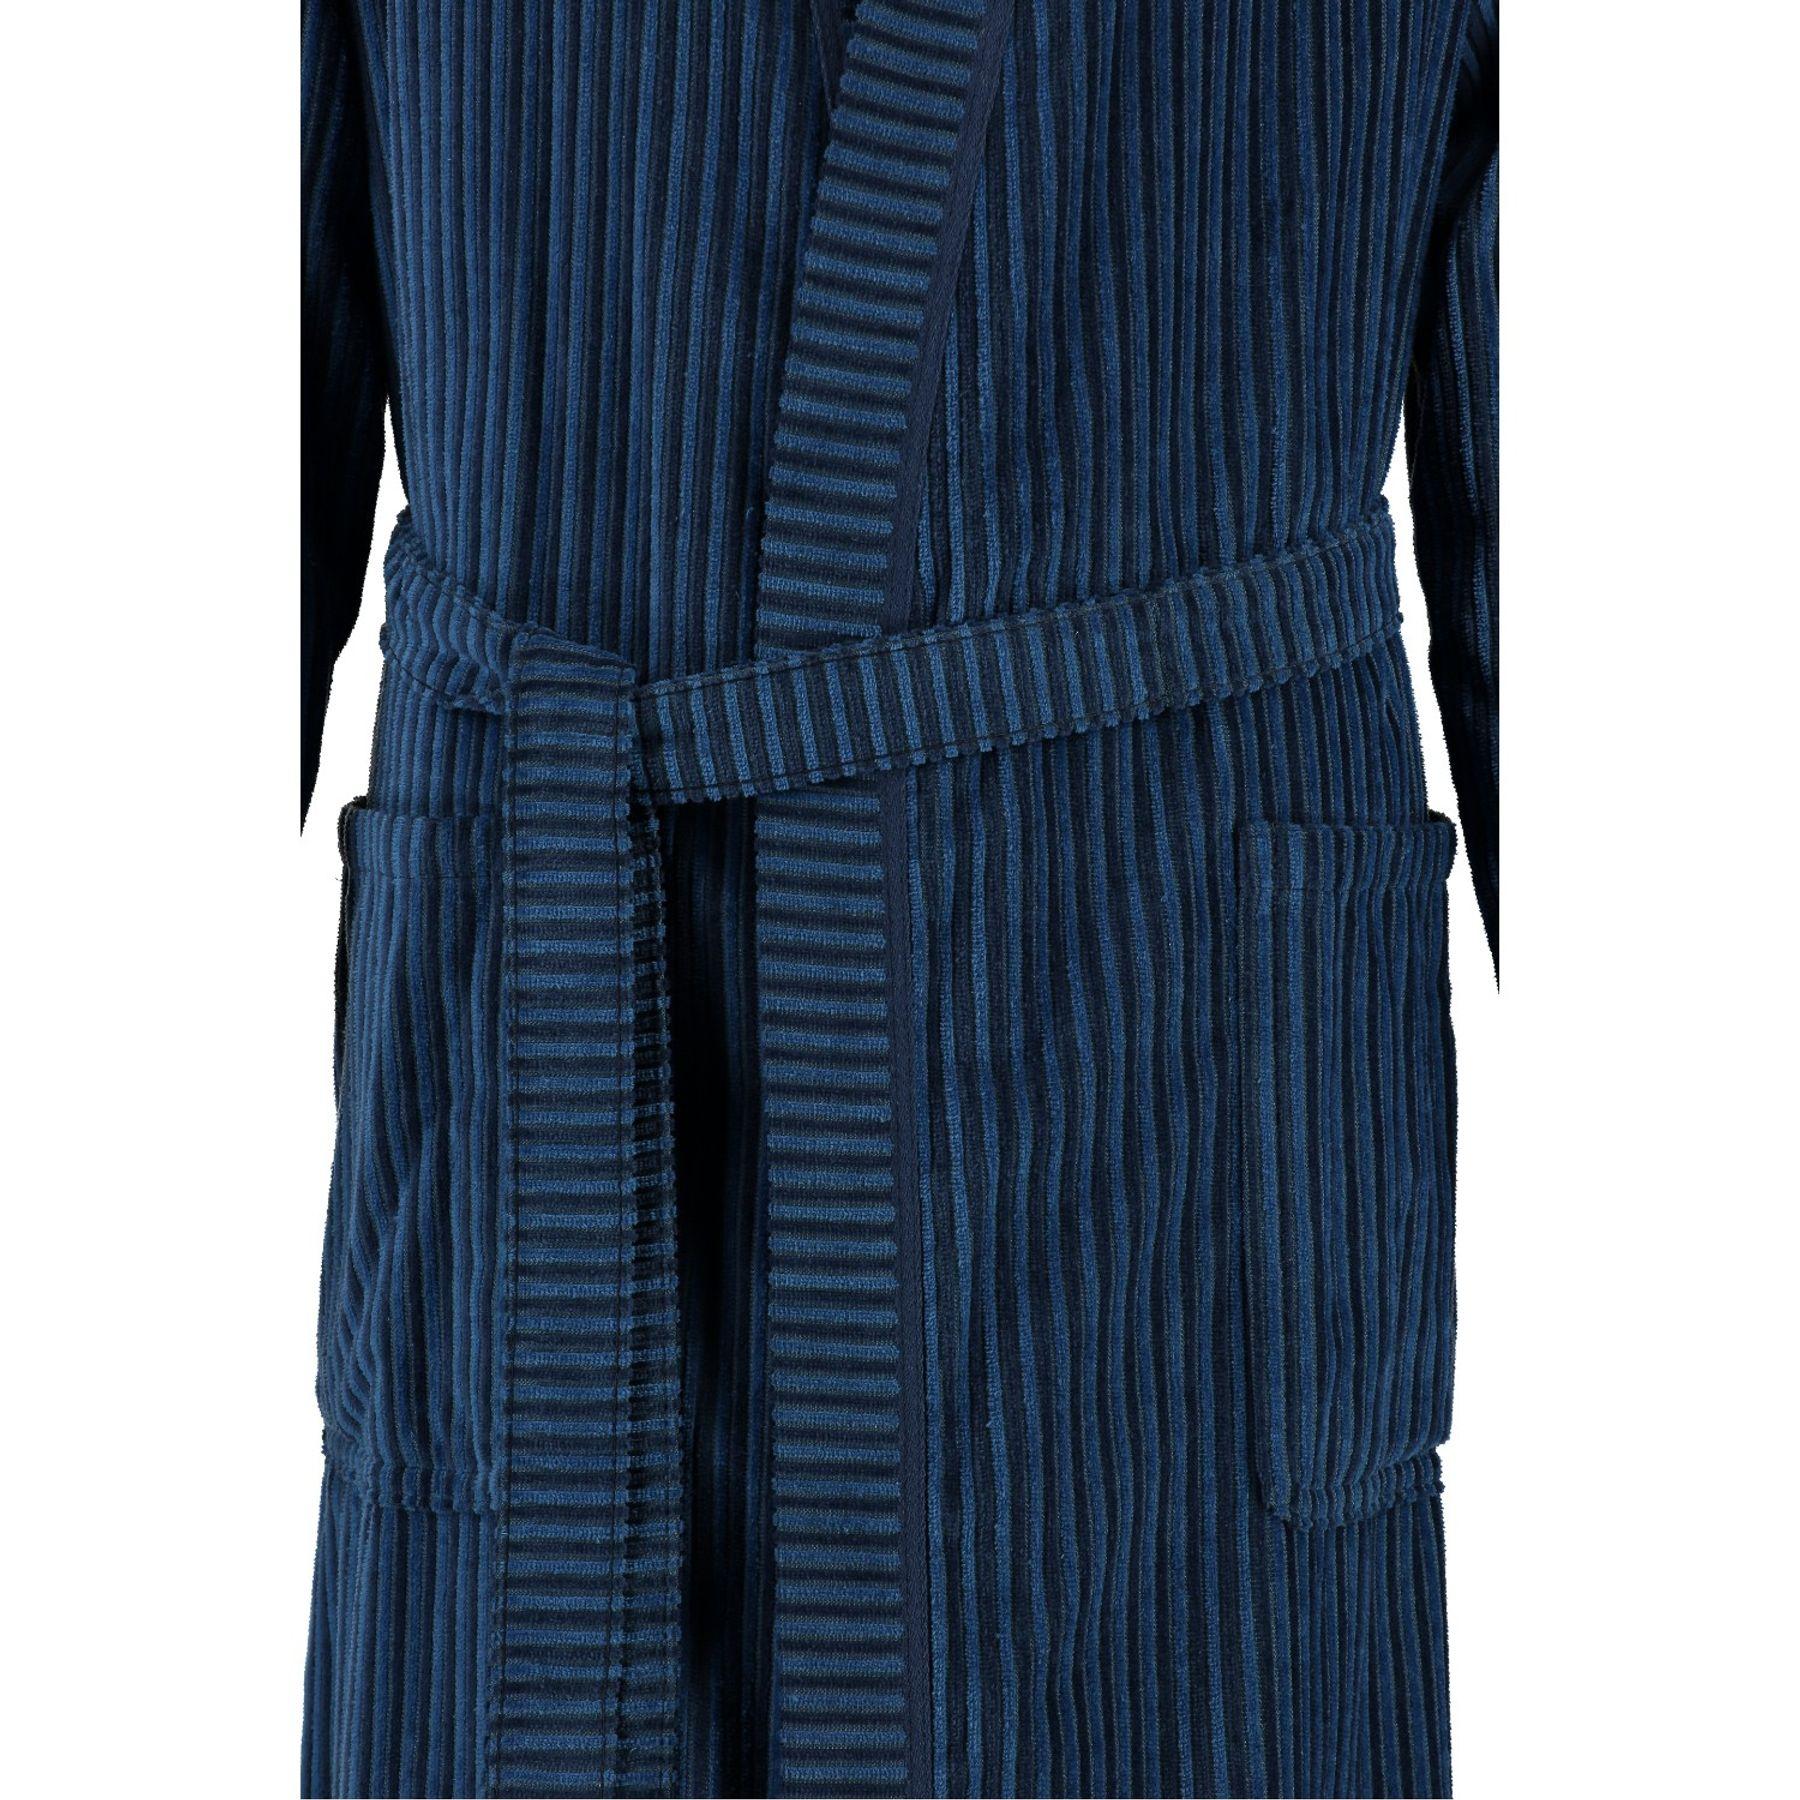 Cawö - Herren Velours Bademantel mit Kimono Form in Blau oder Nougat-braun (6842/GG8146/SG6942) – Bild 4